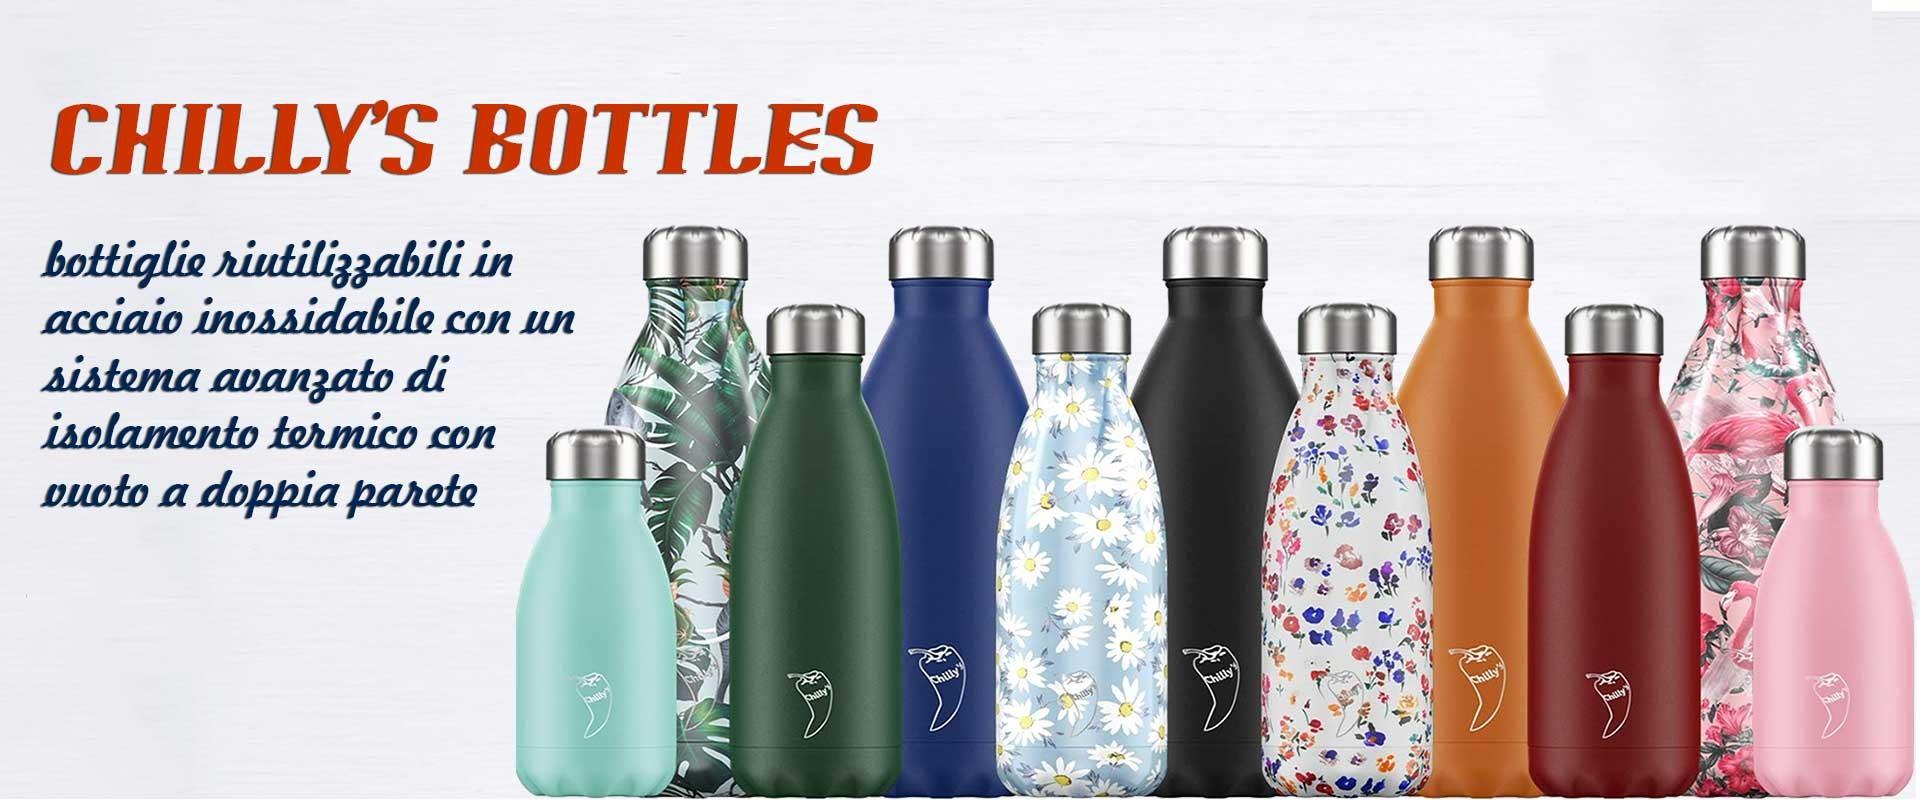 bottiglie riutilizzabili in acciaio inossidabile